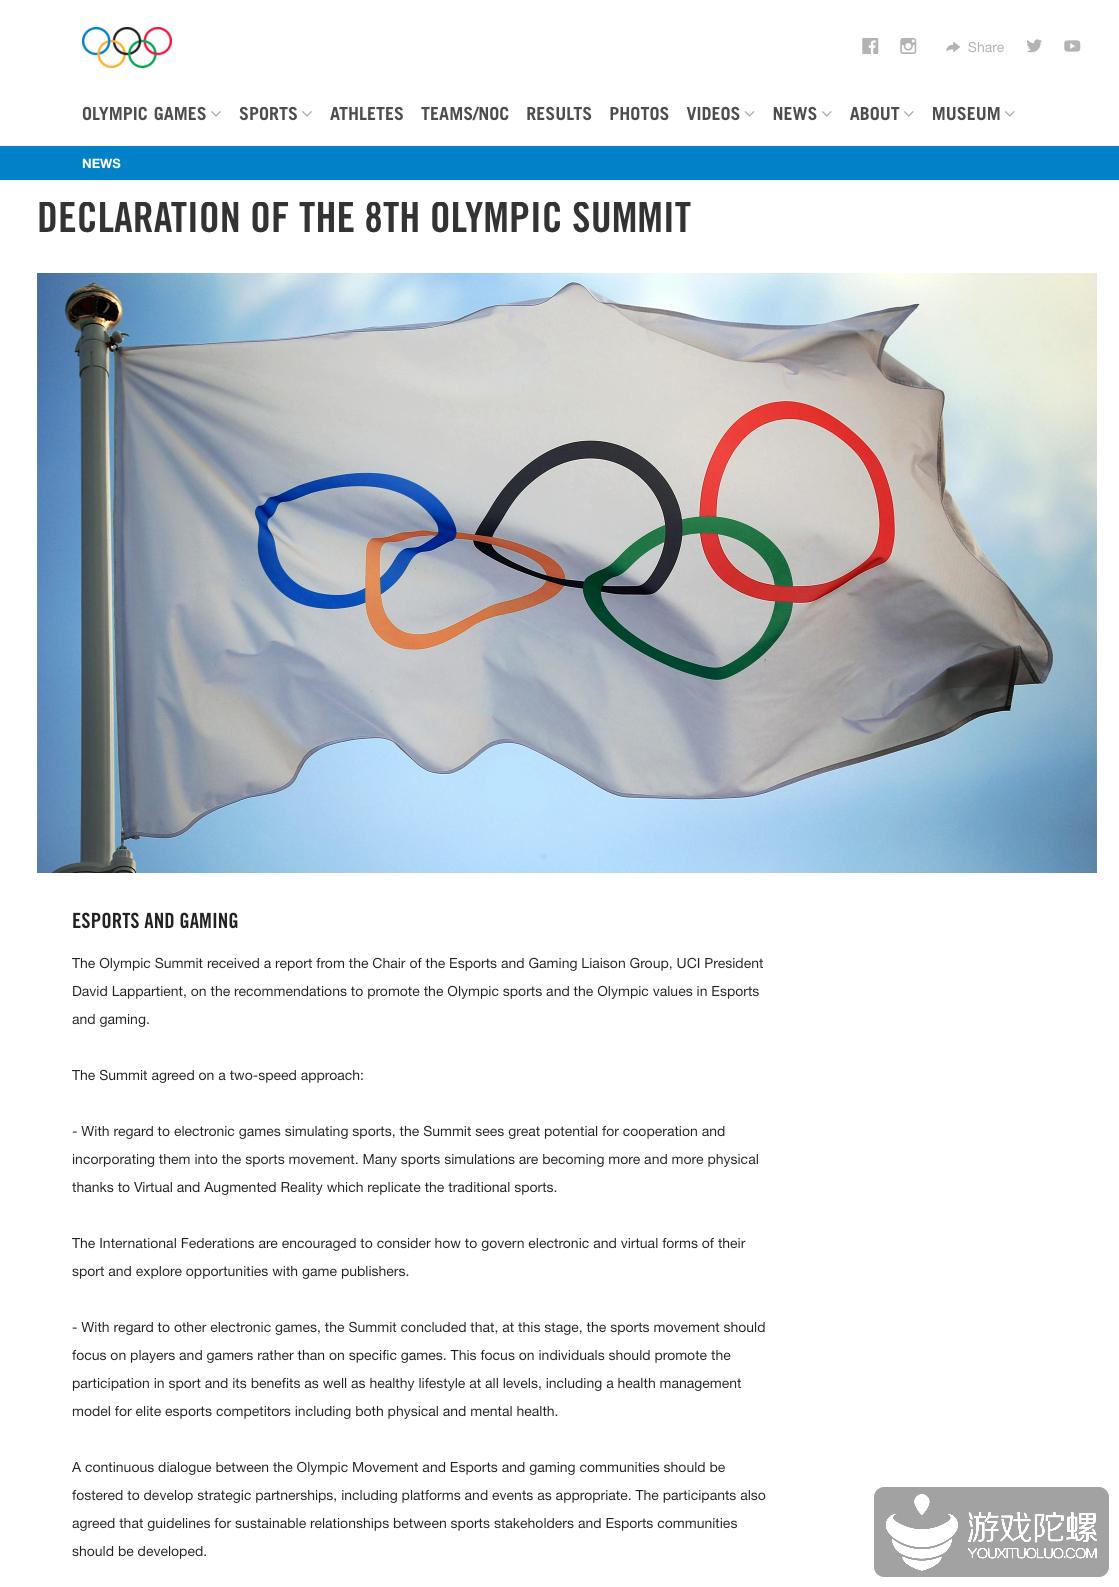 """国际奥林匹克峰会发布声明,两路并进探索电竞""""蓝海"""""""